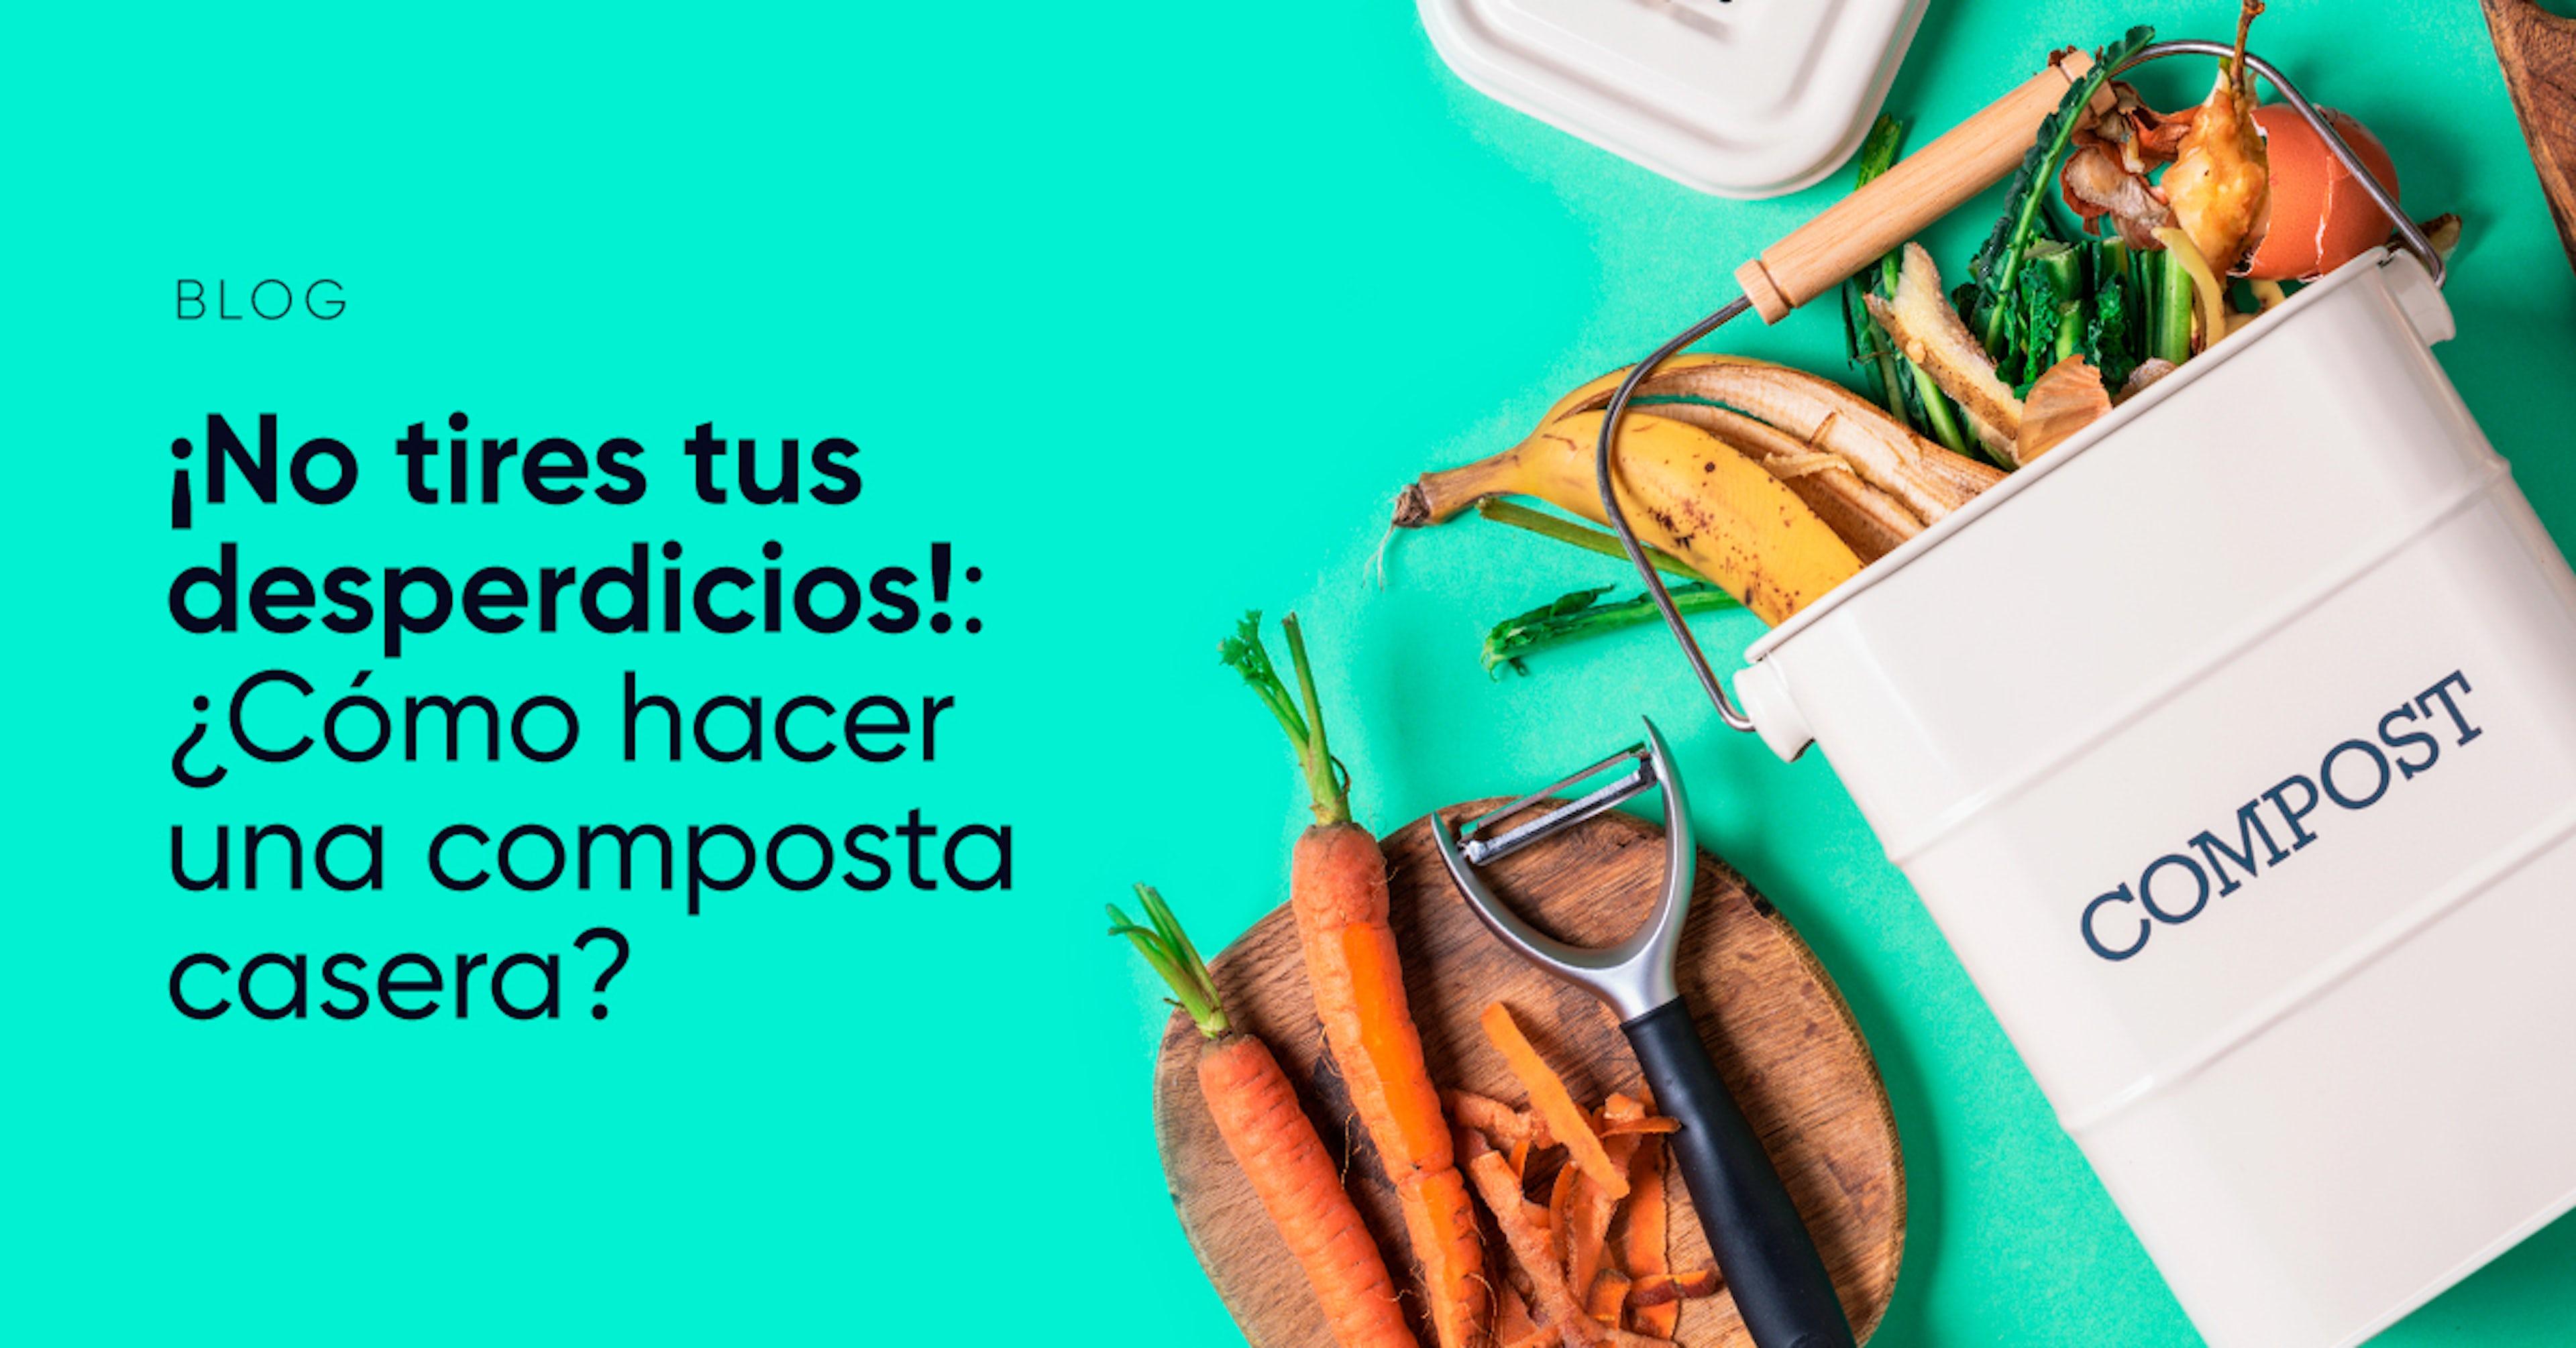 ¿Cómo hacer una composta casera y usar tus residuos a favor del medio ambiente?